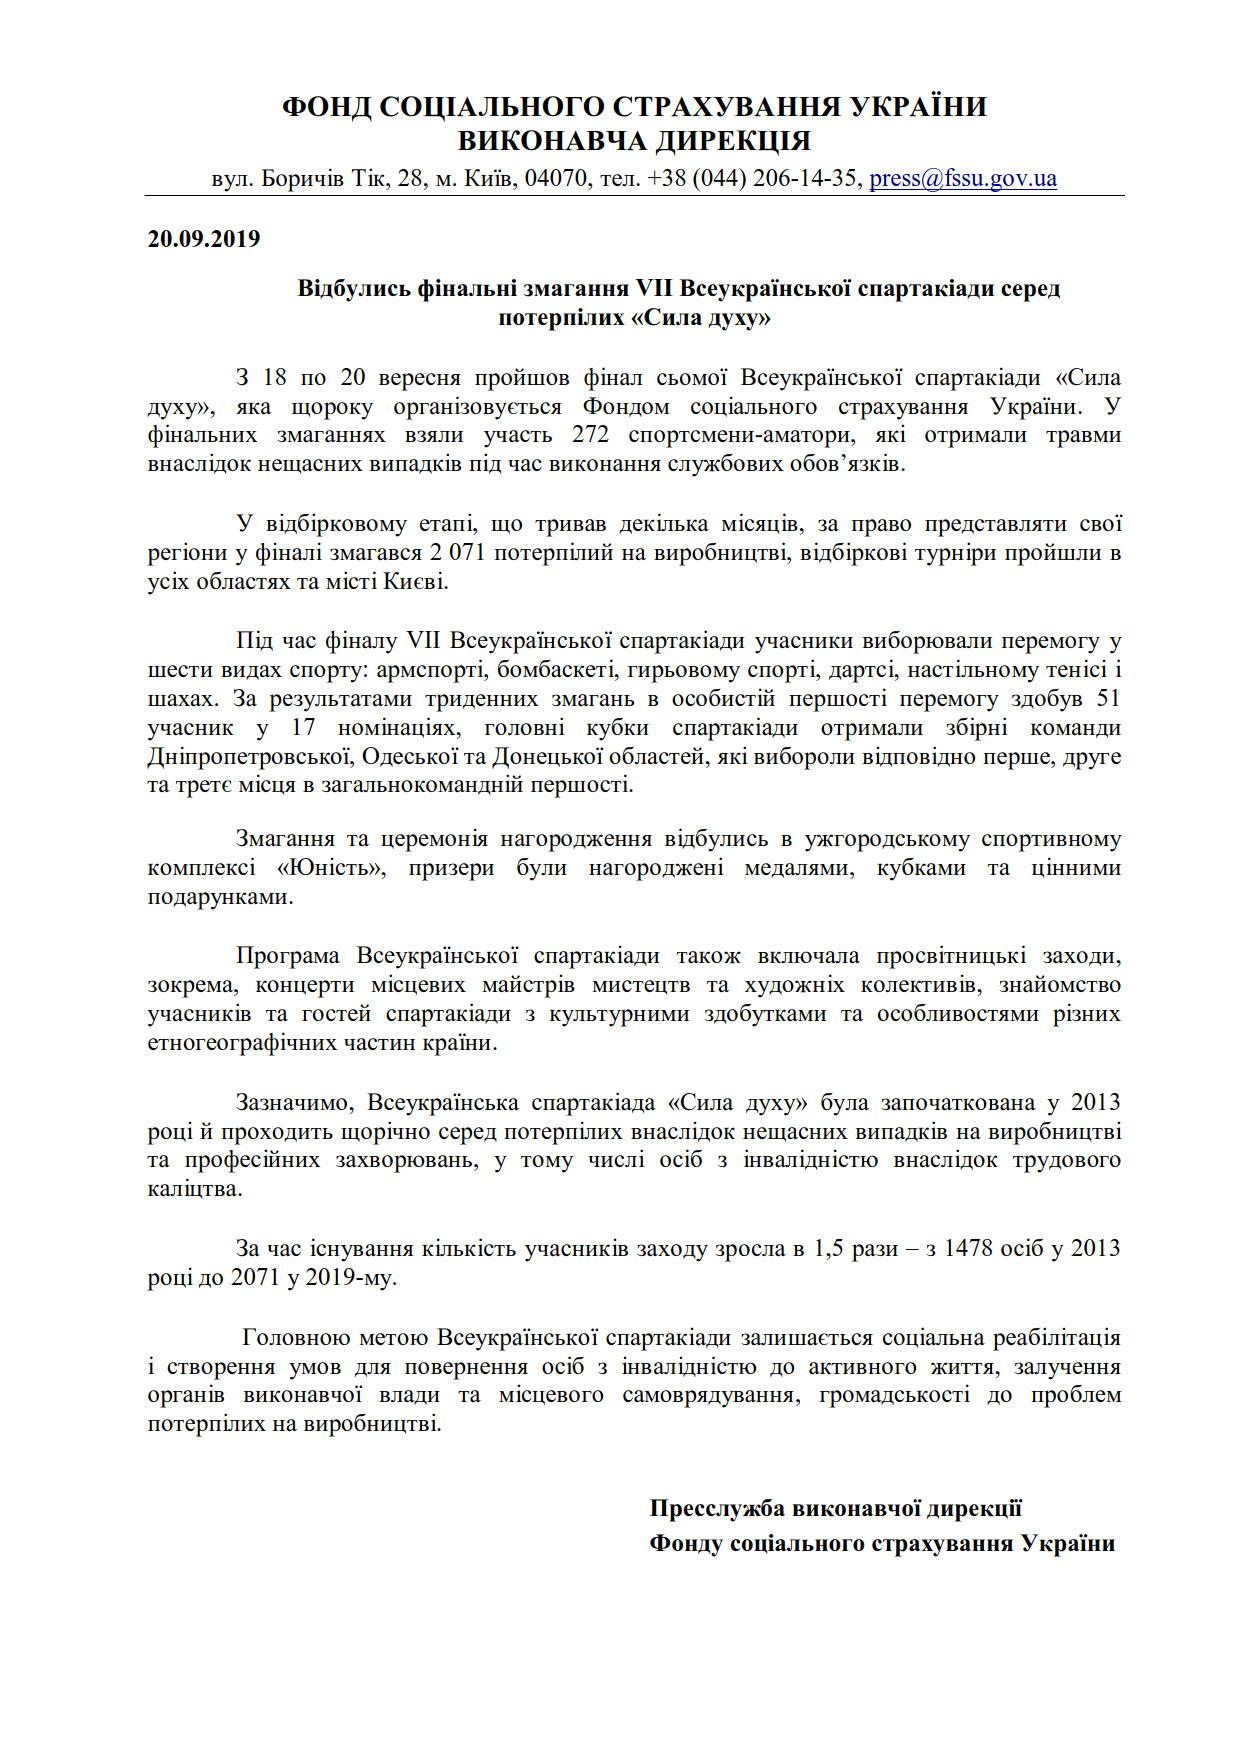 ФССУ_Фінальні змагання Всеукраїнської спартакіади_1